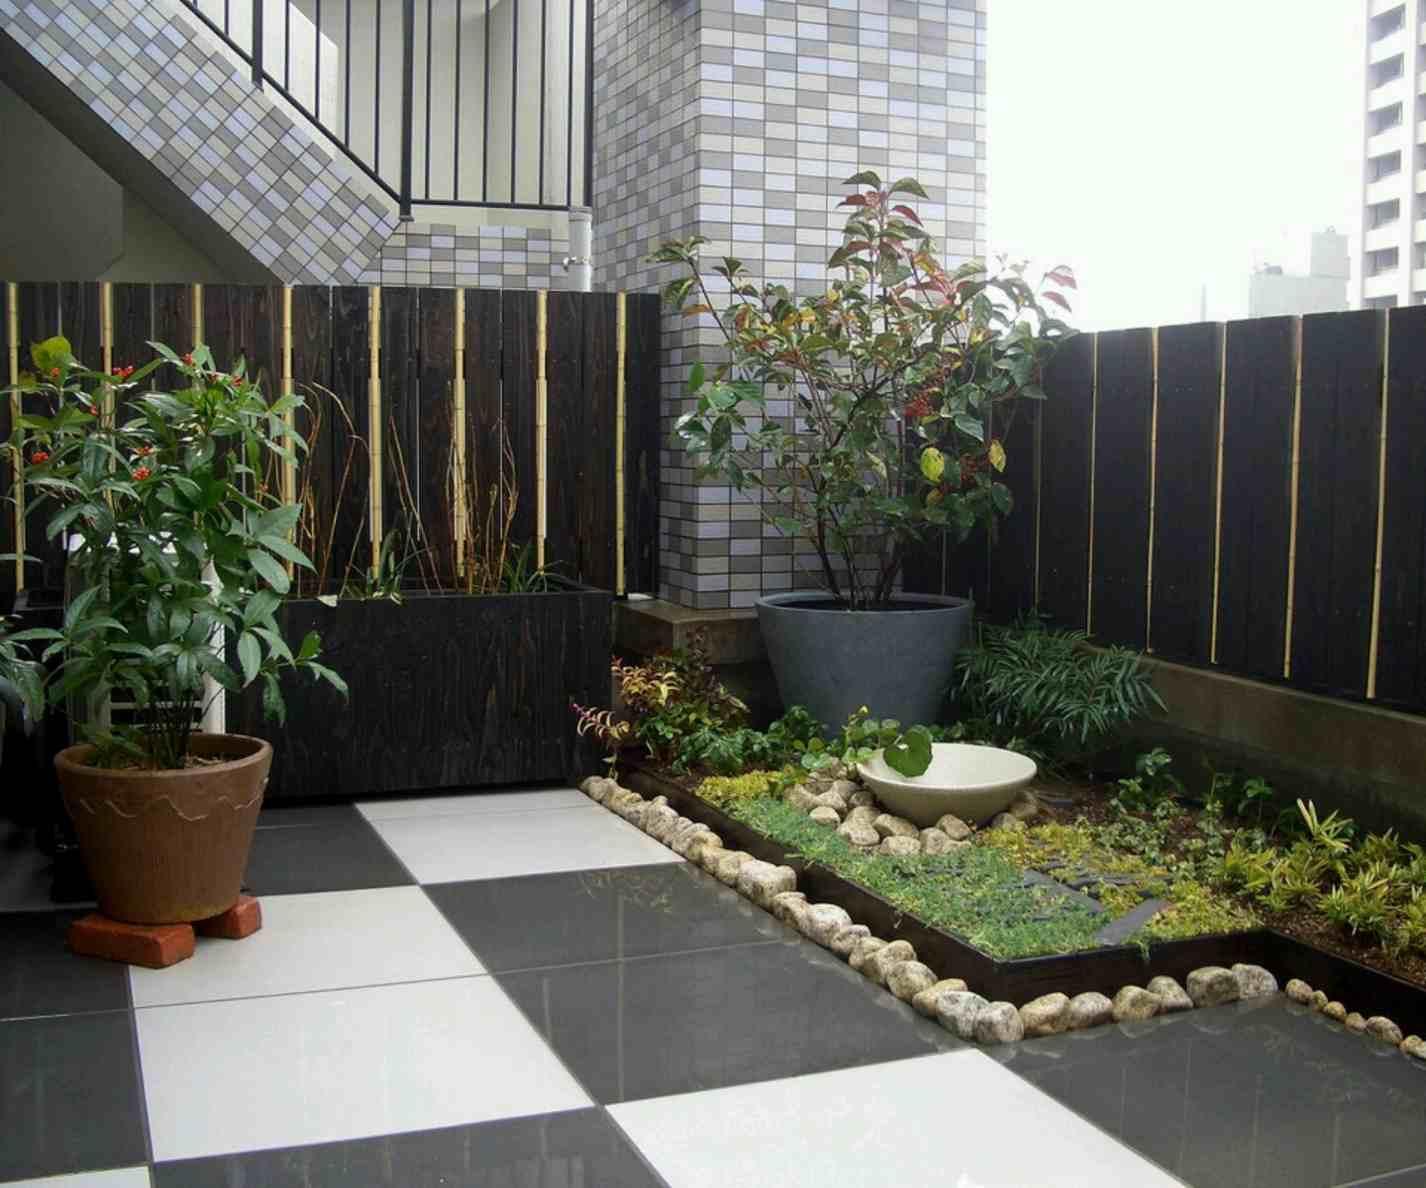 Desain Taman Kecil Rumah Minimalis Destaman